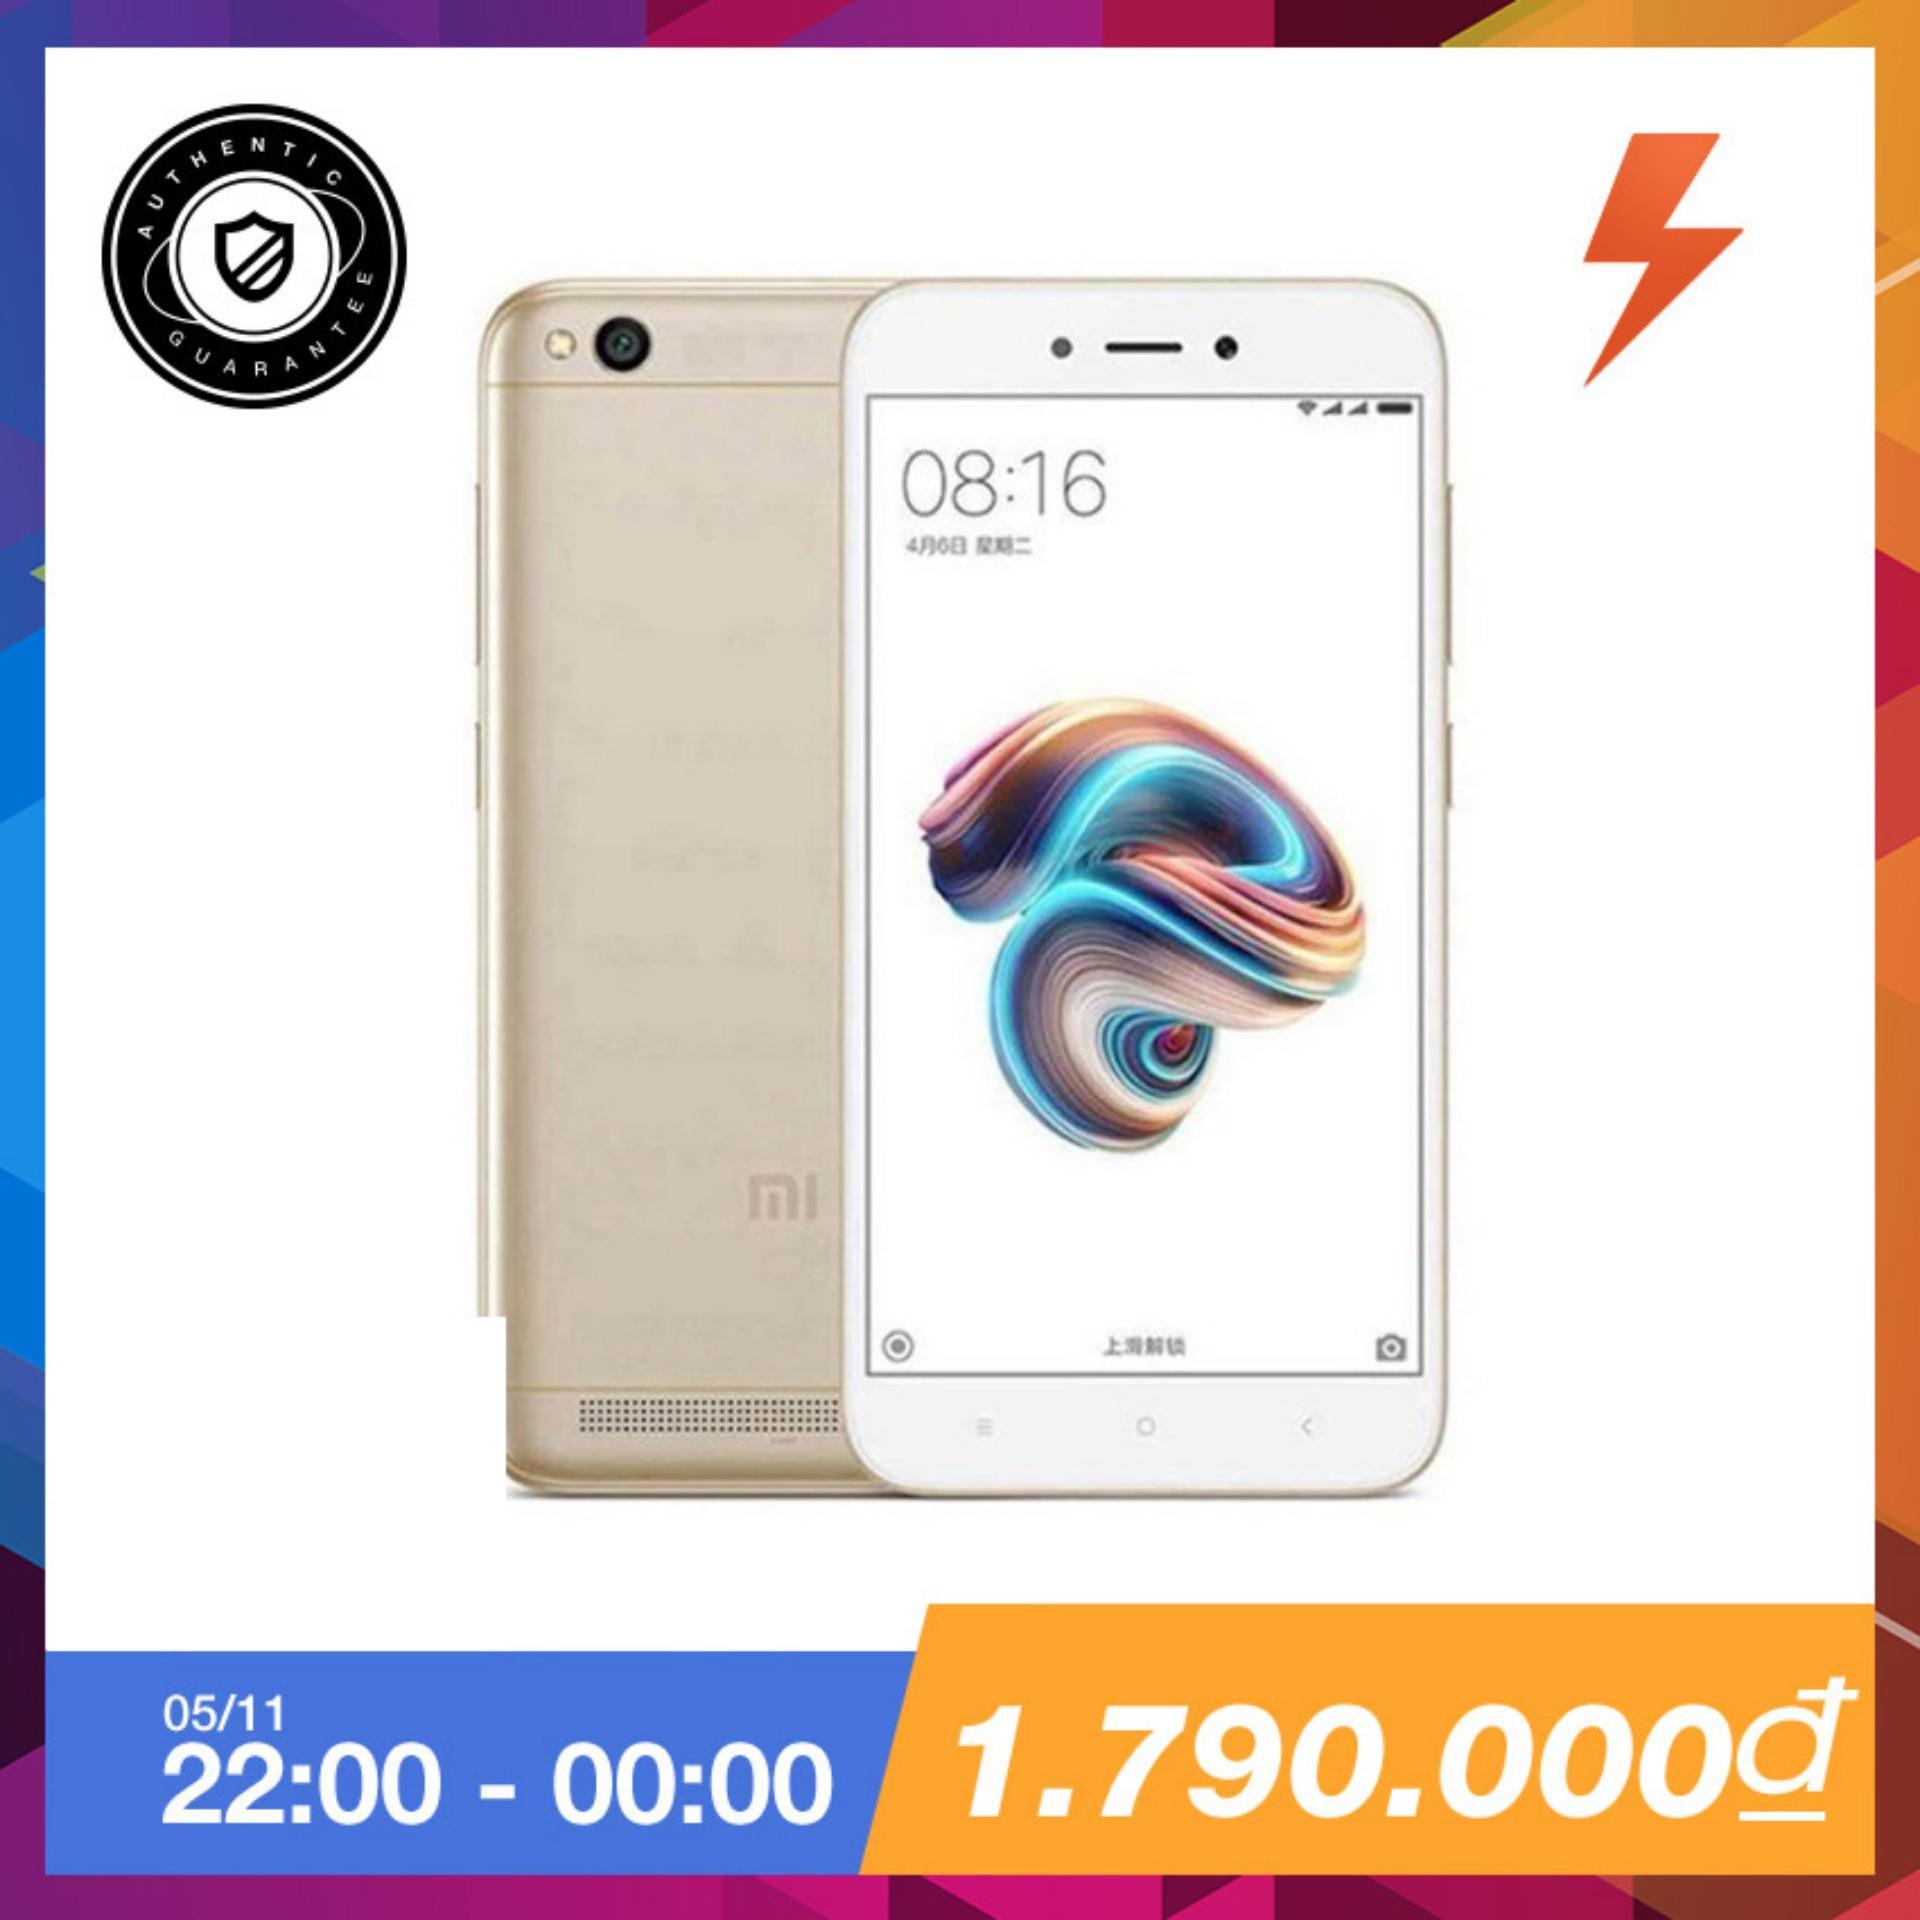 Xiaomi Redmi 5A 16Gb Ram 2Gb Vang Hang Phan Phối Chinh Thức Nguyên